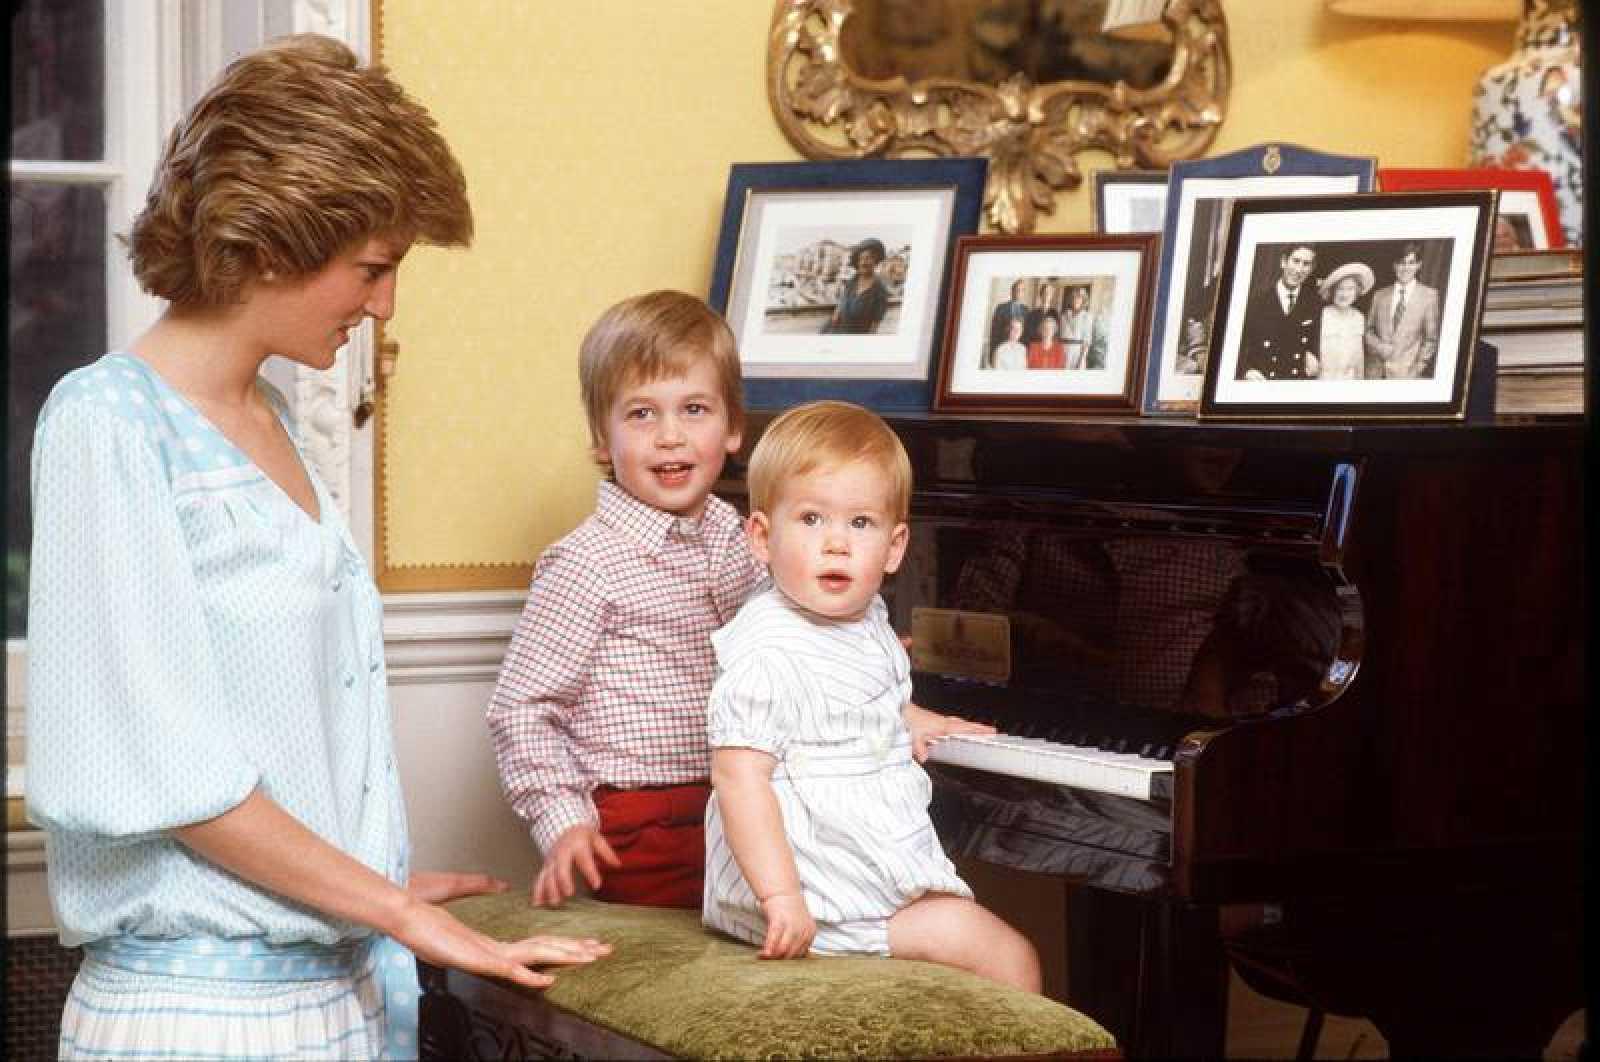 El documental recuerda la vida y legado de la princesa de Gales